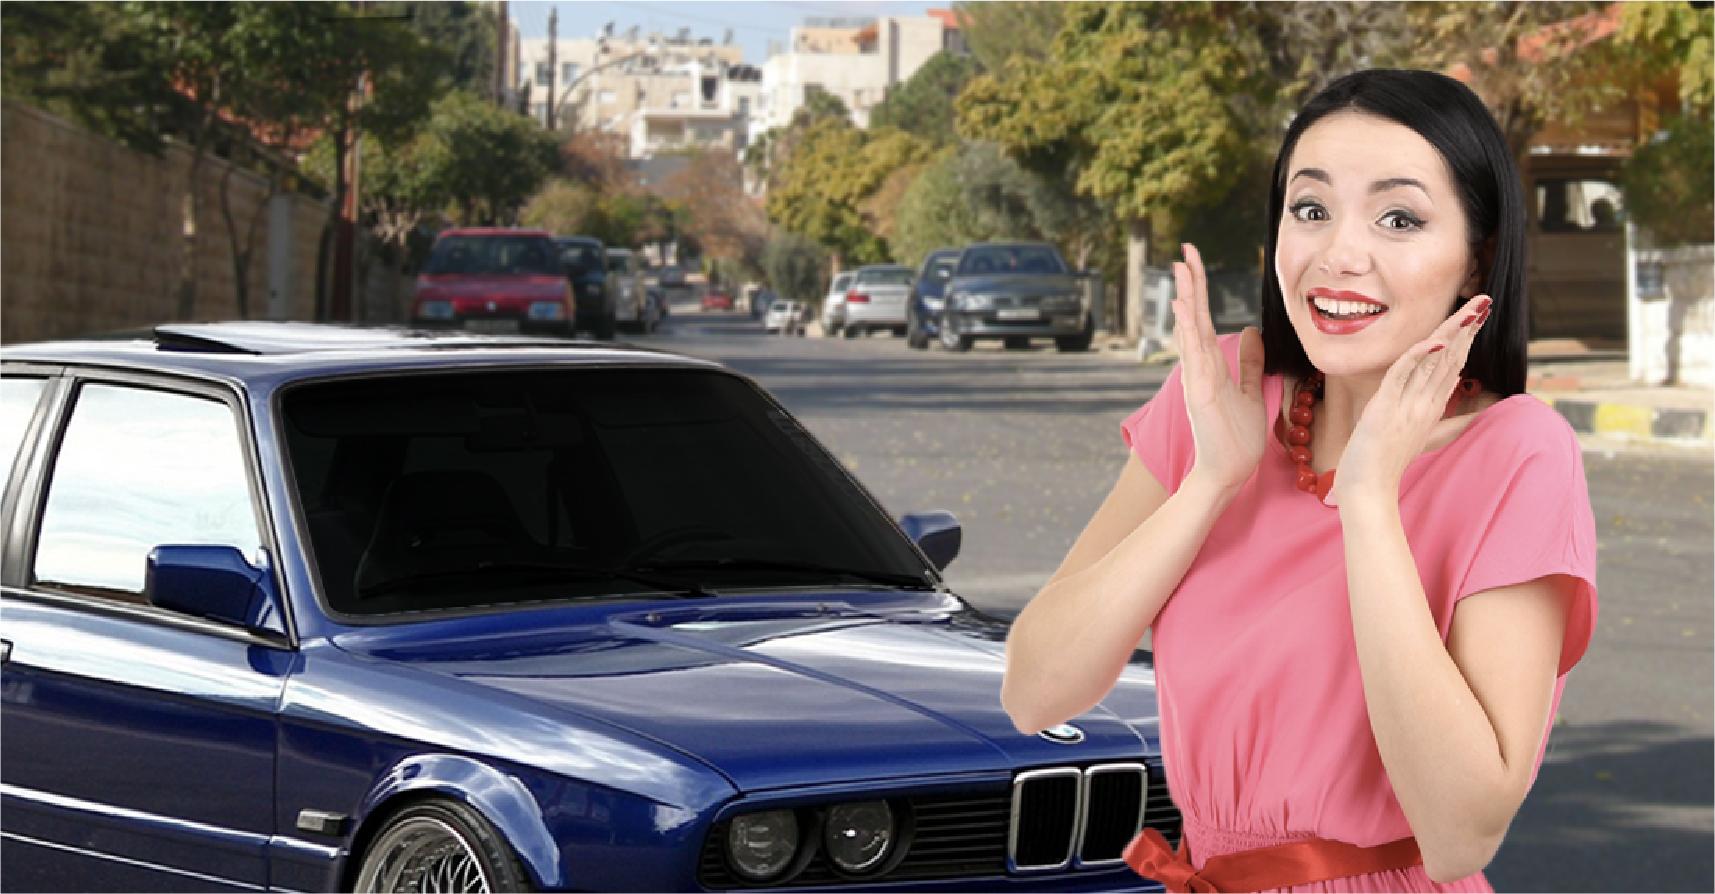 صورة فتاة تقع في حب شاب بعد أن سمعت صوت الموسيقى العالية المنطلقة من سيارته ذات أضواء الزينون